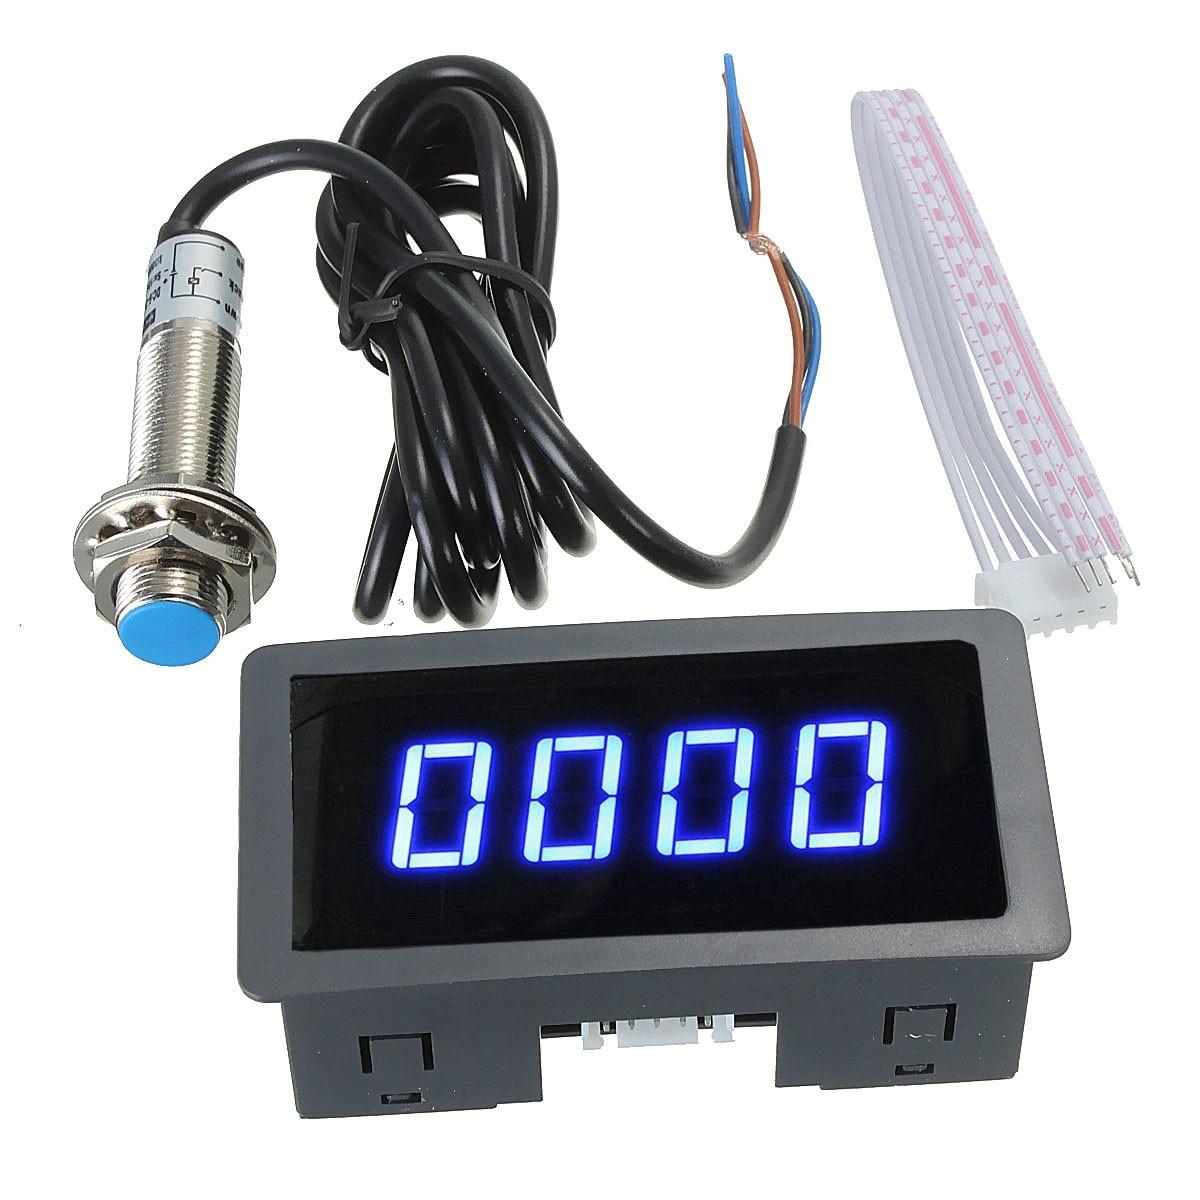 4 Digital LED Blu Tachimetro RPM Speed Meter + Sala Interruttore Di Prossimità Sensore di prossimità NPN